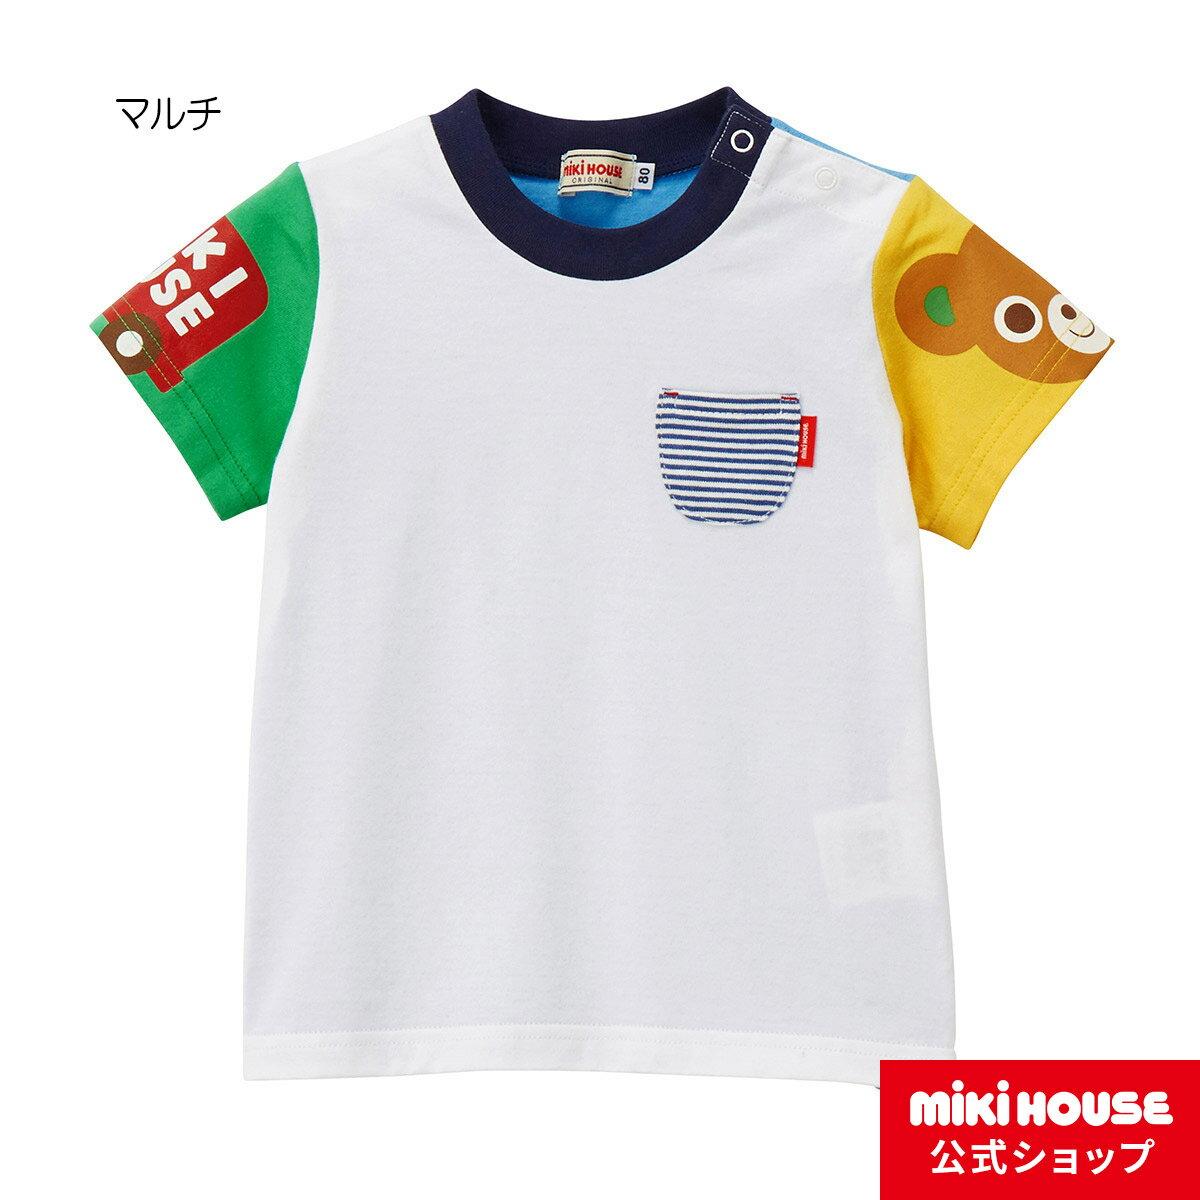 ミキハウス mikihouse プッチー☆元気いっぱい!半袖Tシャツ(70cm・80cm・90cm)